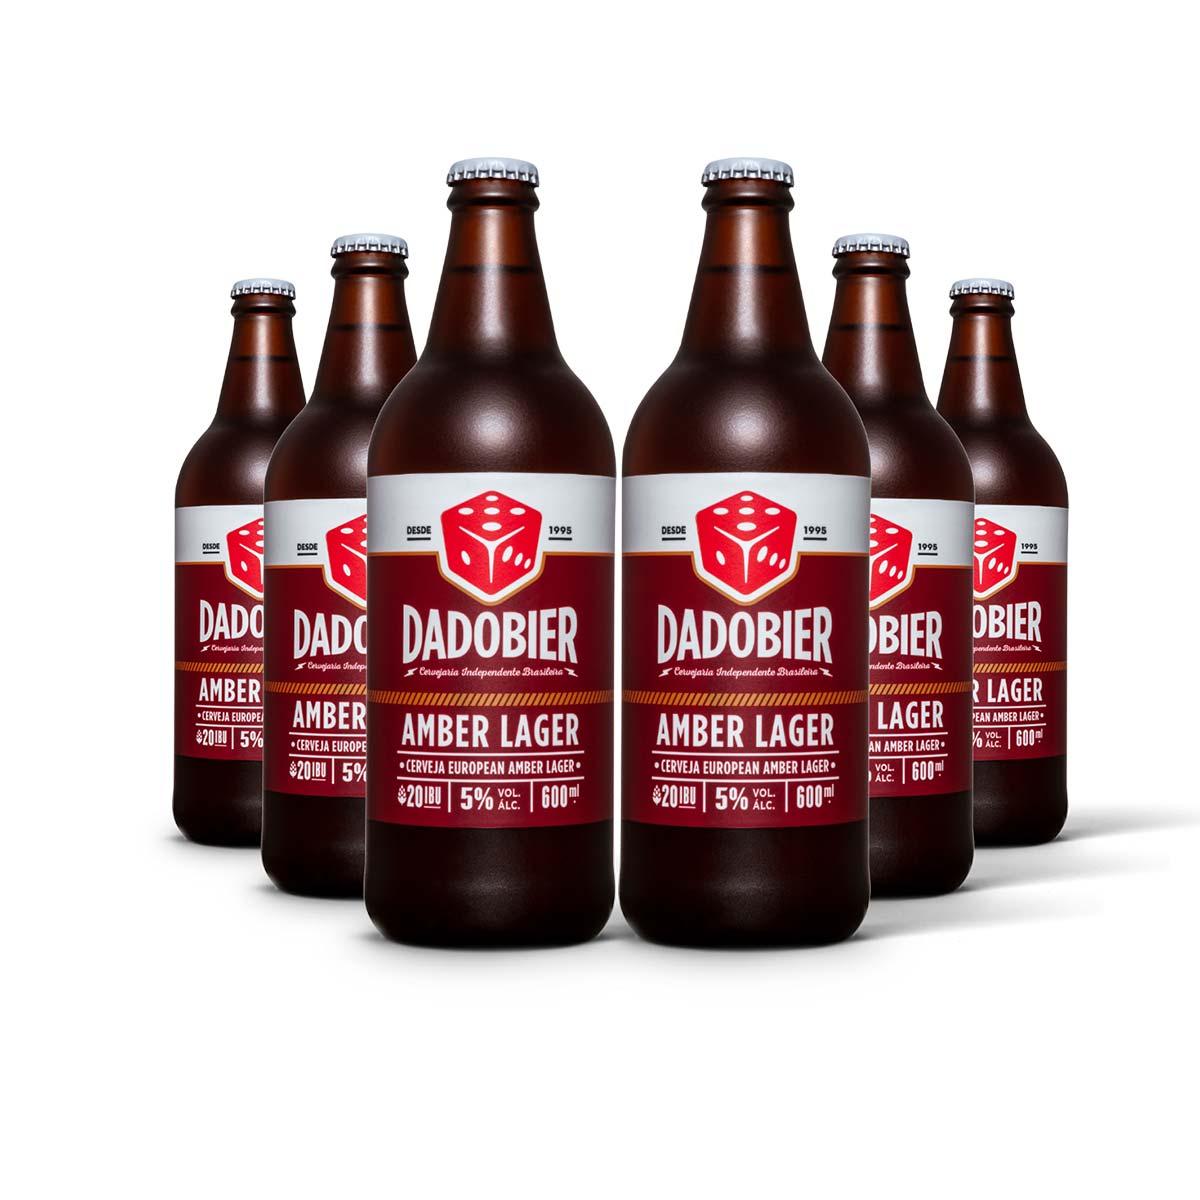 Pack Dado Bier Amber Lager 6 cervejas 600ml